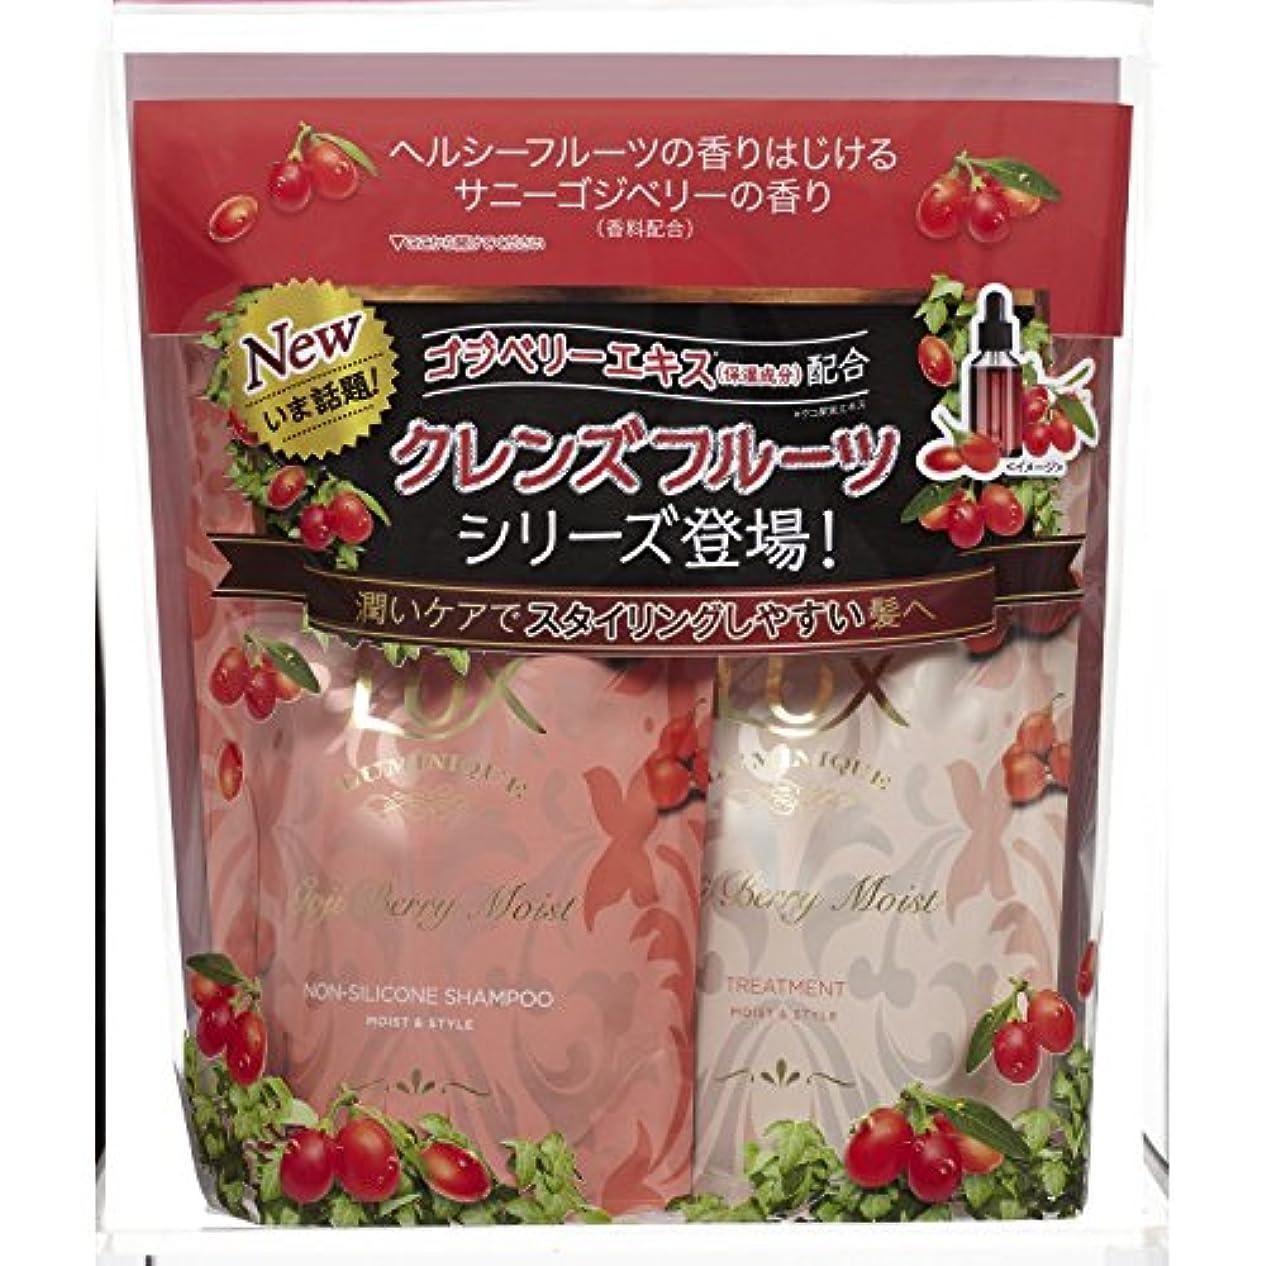 バレル熟した悲劇ラックス ルミニーク ゴジベリーモイスト (サニーゴジベリーの香り) つめかえ用ペア 350g+350g